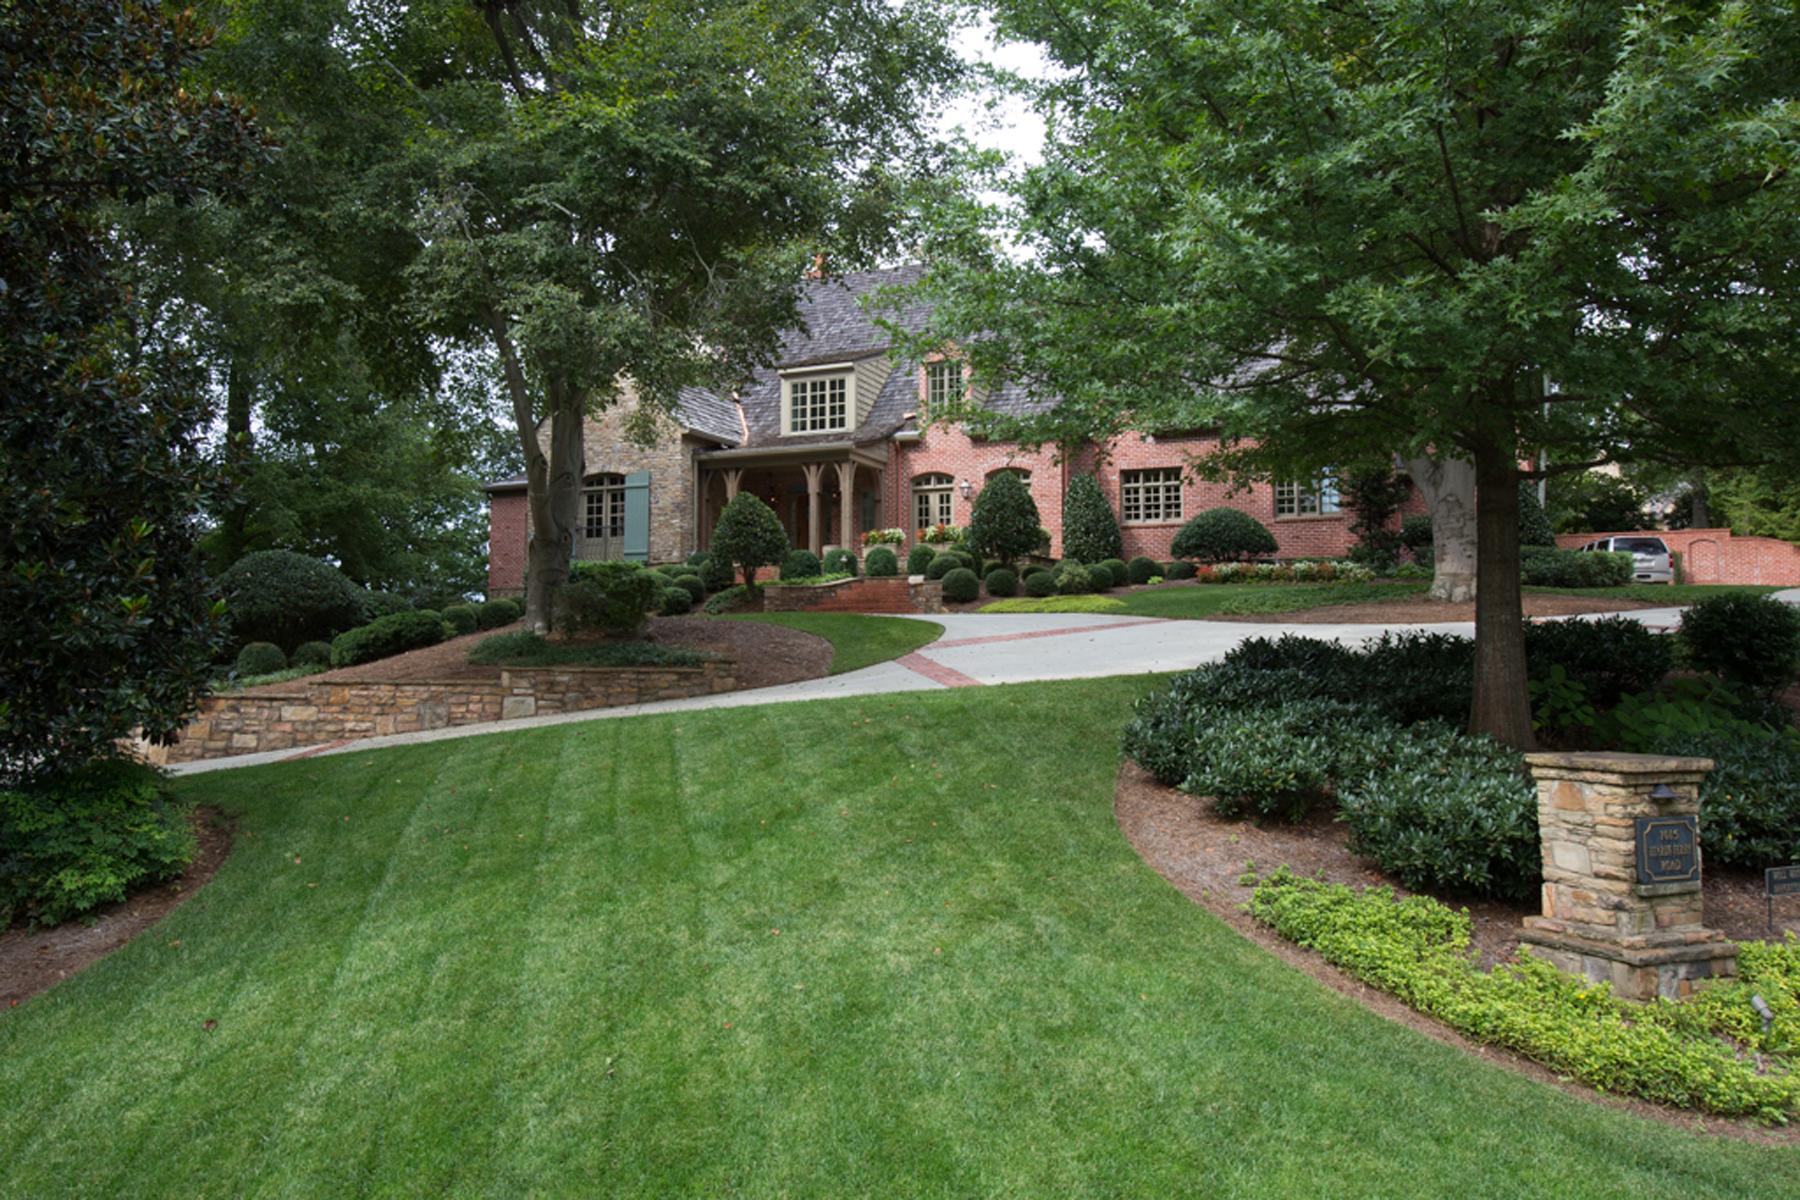 一戸建て のために 売買 アット Stunning Riverside Estate 1015 Heards Ferry Road Atlanta, ジョージア 30328 アメリカ合衆国